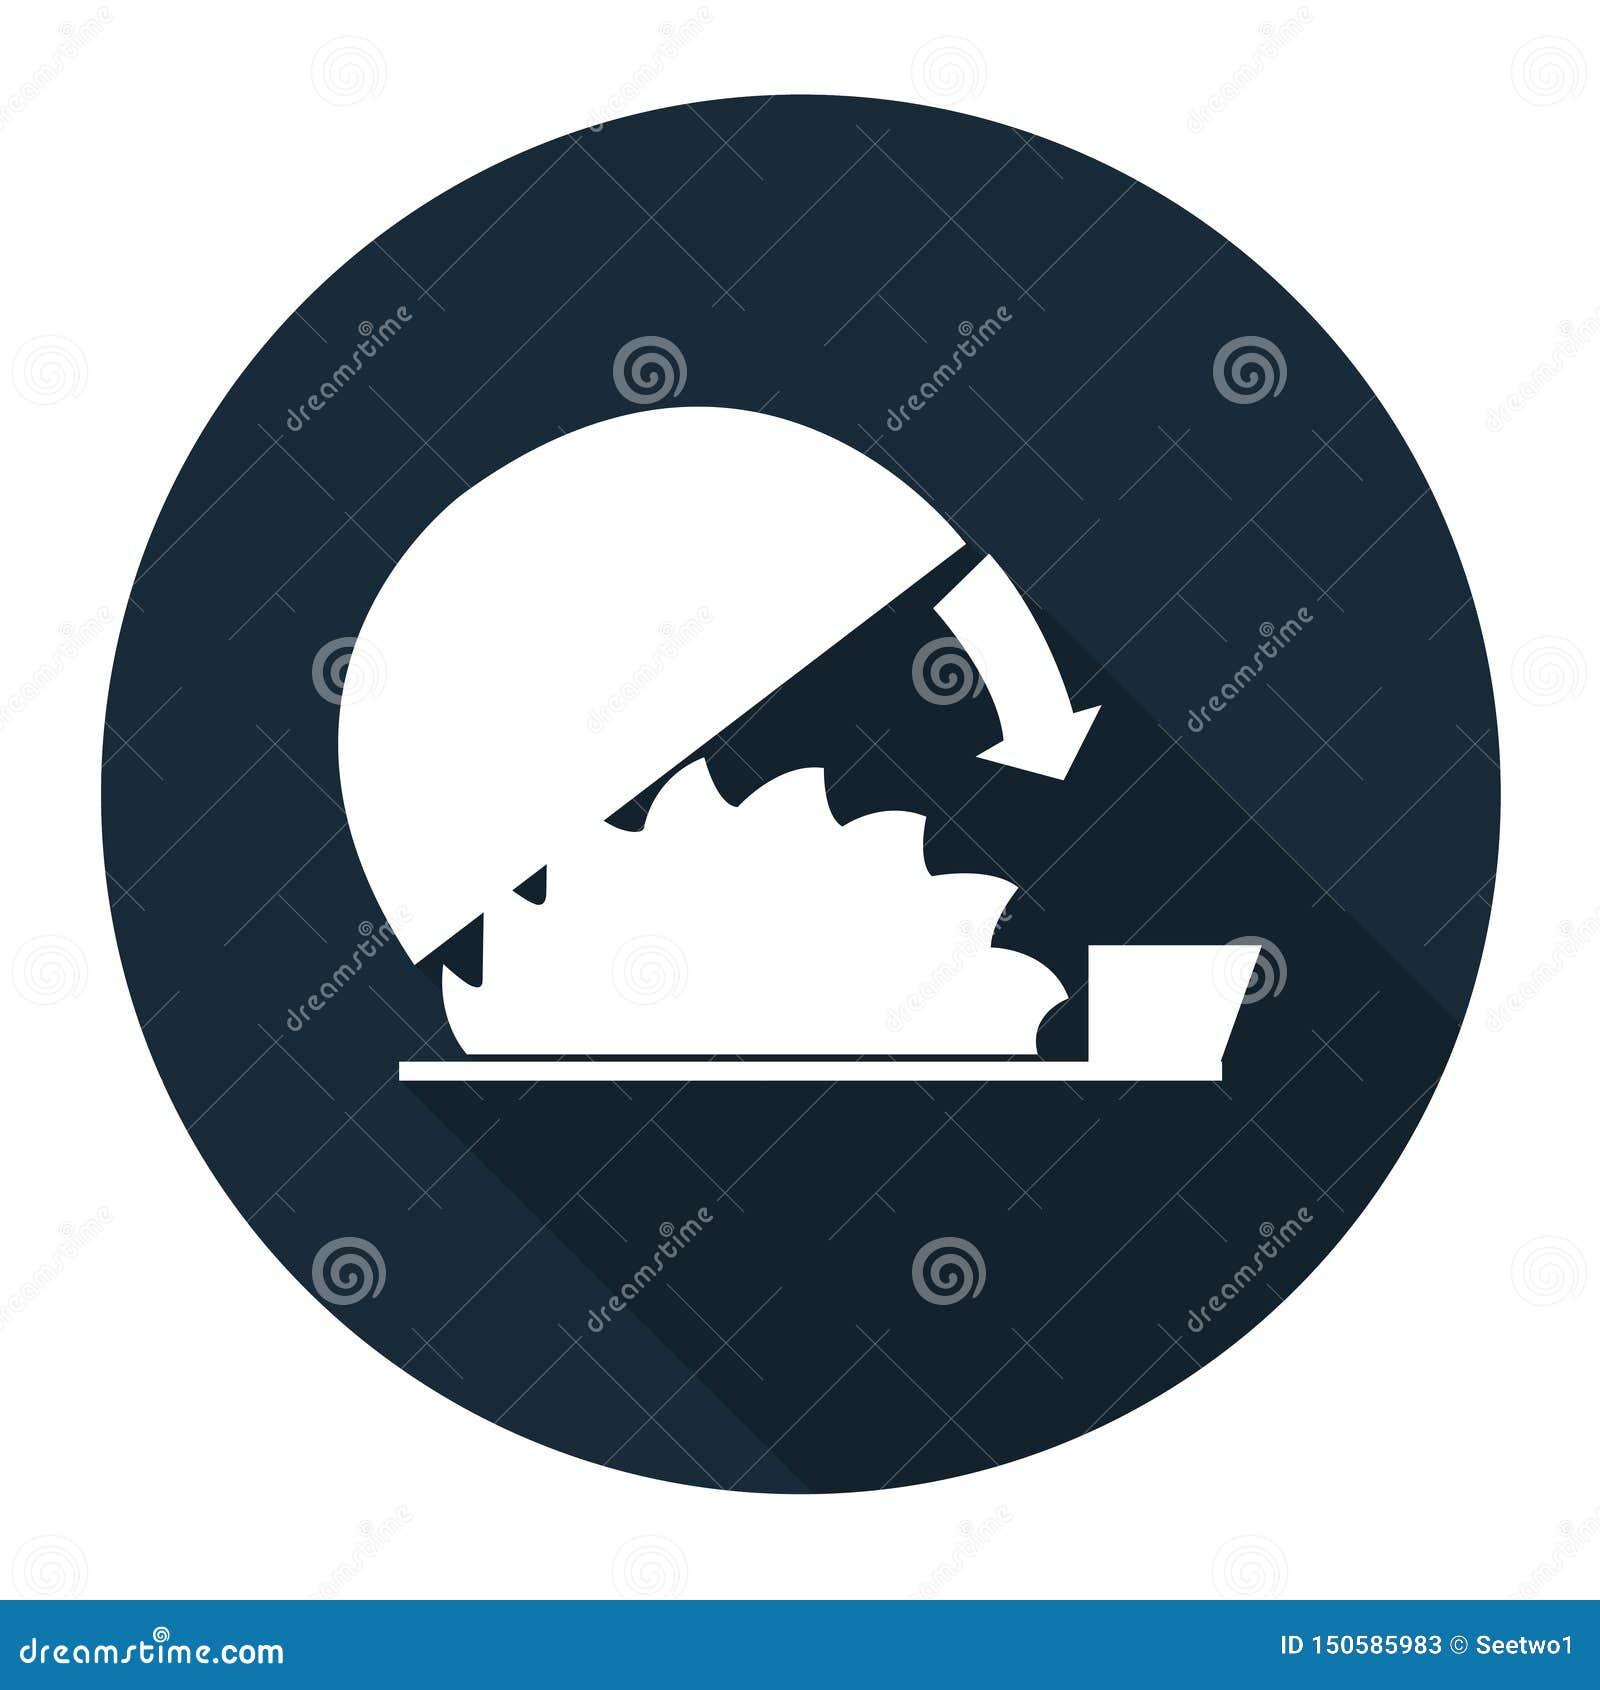 Fondo regolabile di Isolate On White della guardia di uso di simbolo, illustrazione di vettore